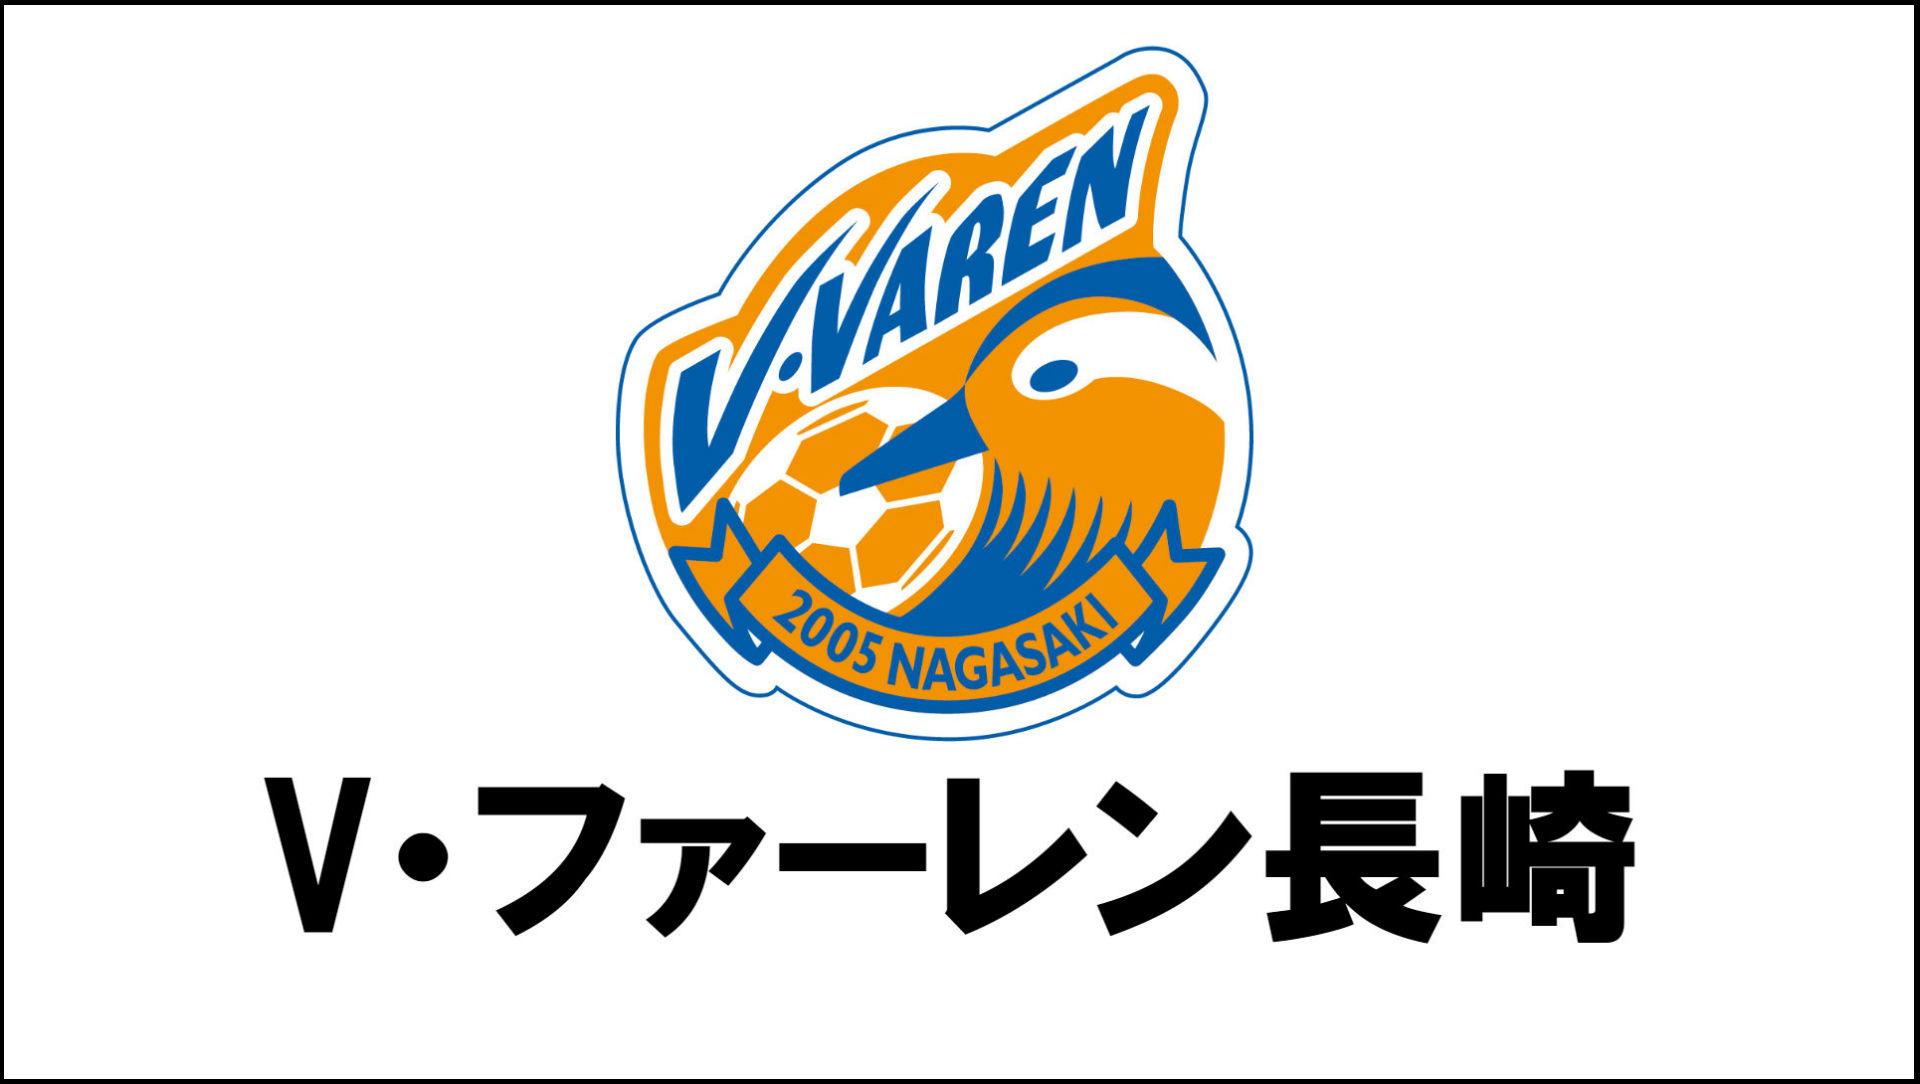 V・ファーレン長崎.jpg